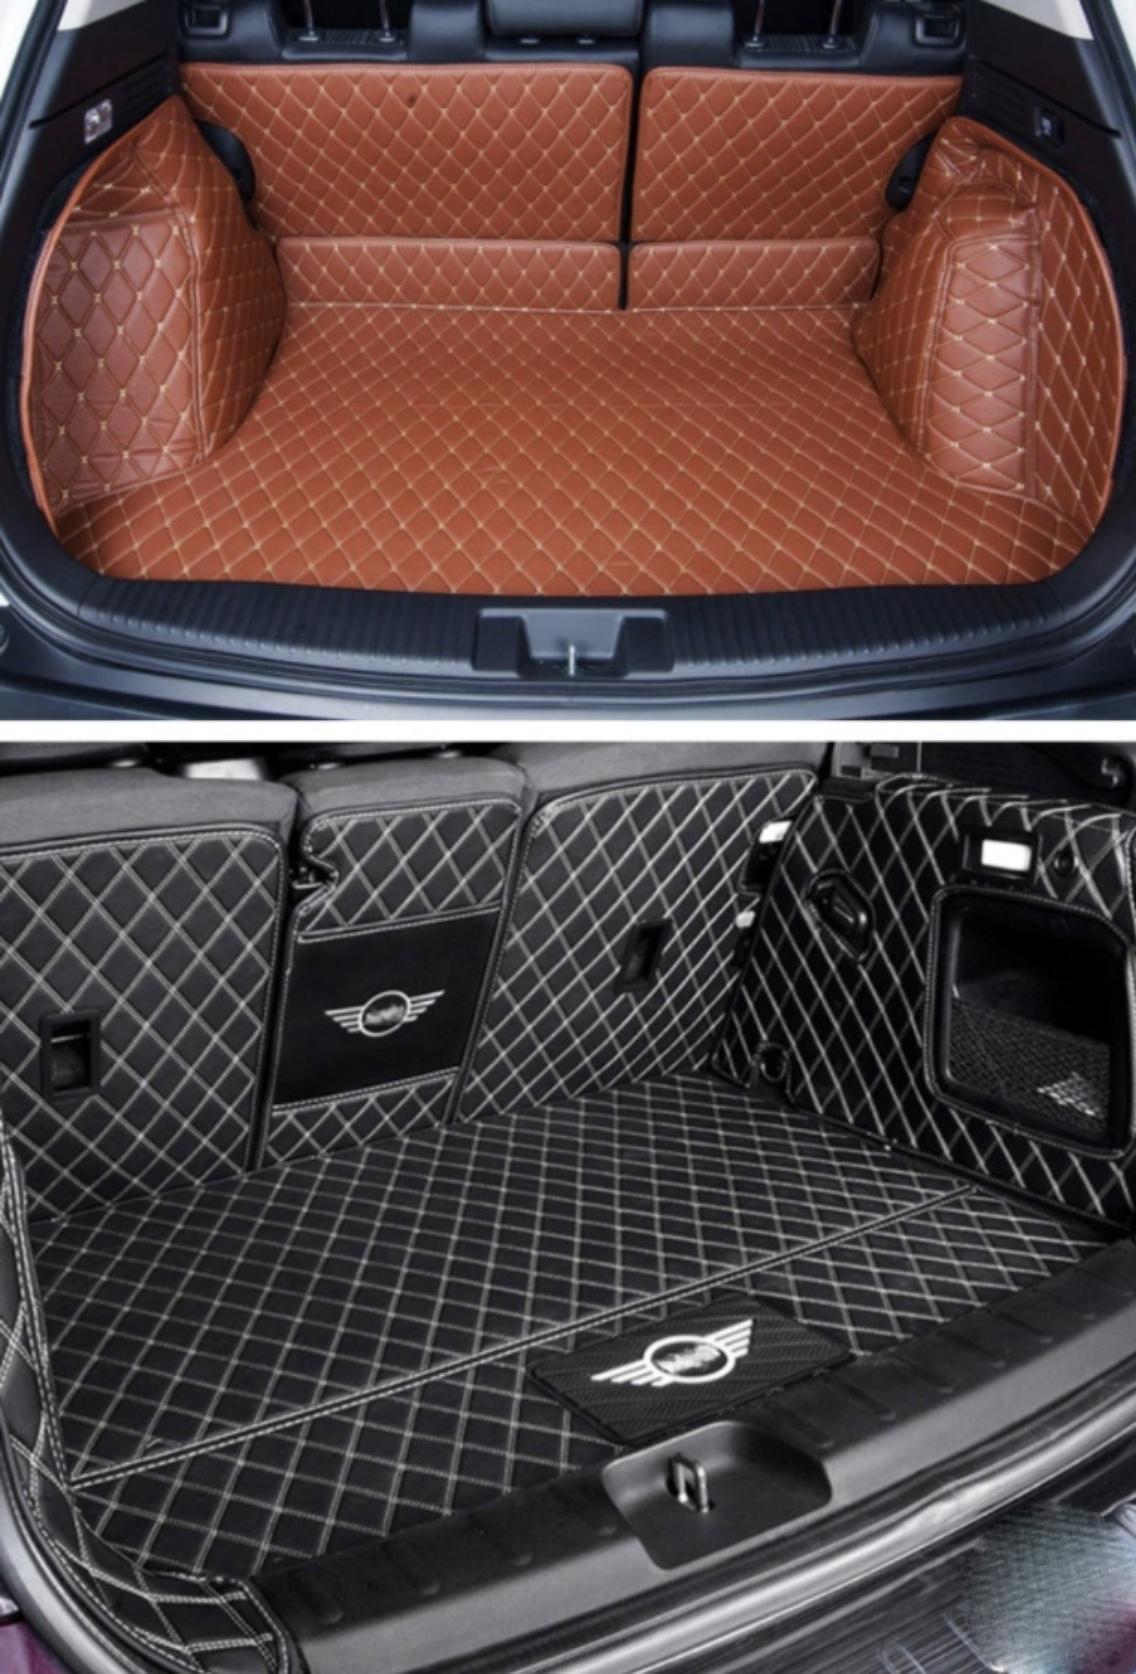 Кожаная обшивка для багажника выглядит очень стильно